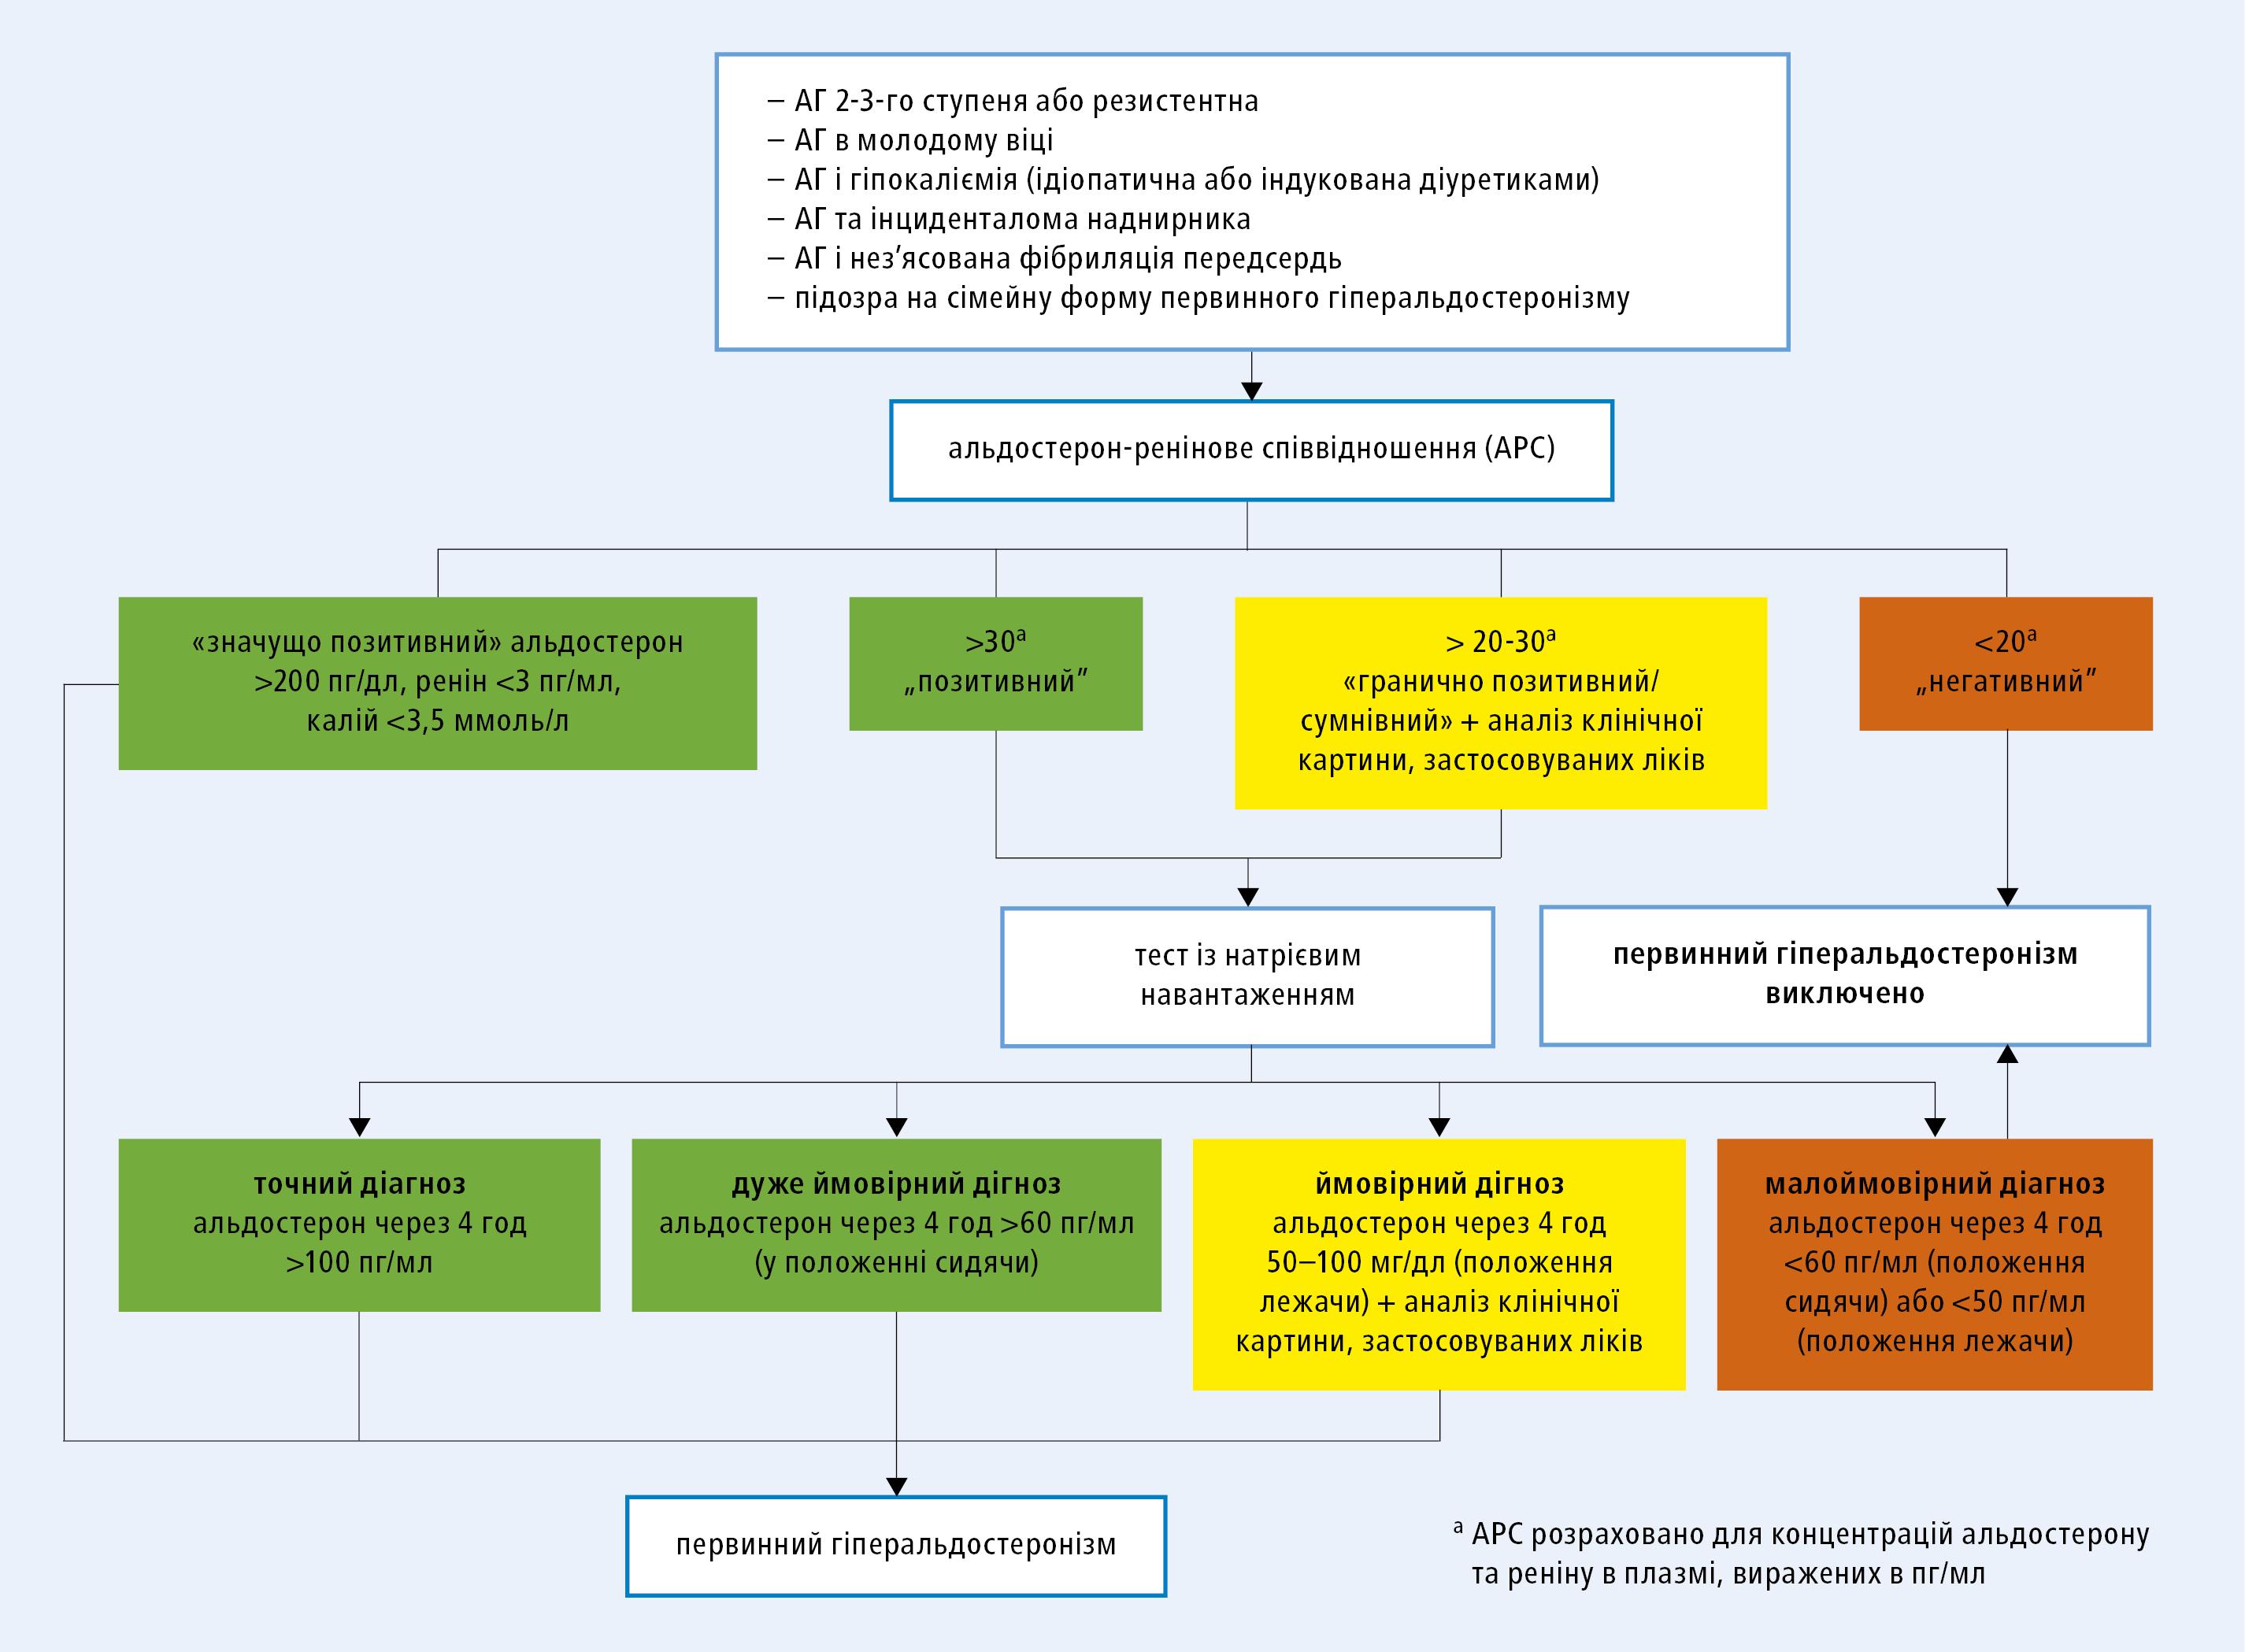 Алгоритм діагностичної тактики восіб із підозрою на первинний гіперальдостеронізм. Наведені граничні значення на окремих етапах діагностики були запропоновані на підставі позиції ESH ідосвіду авторі